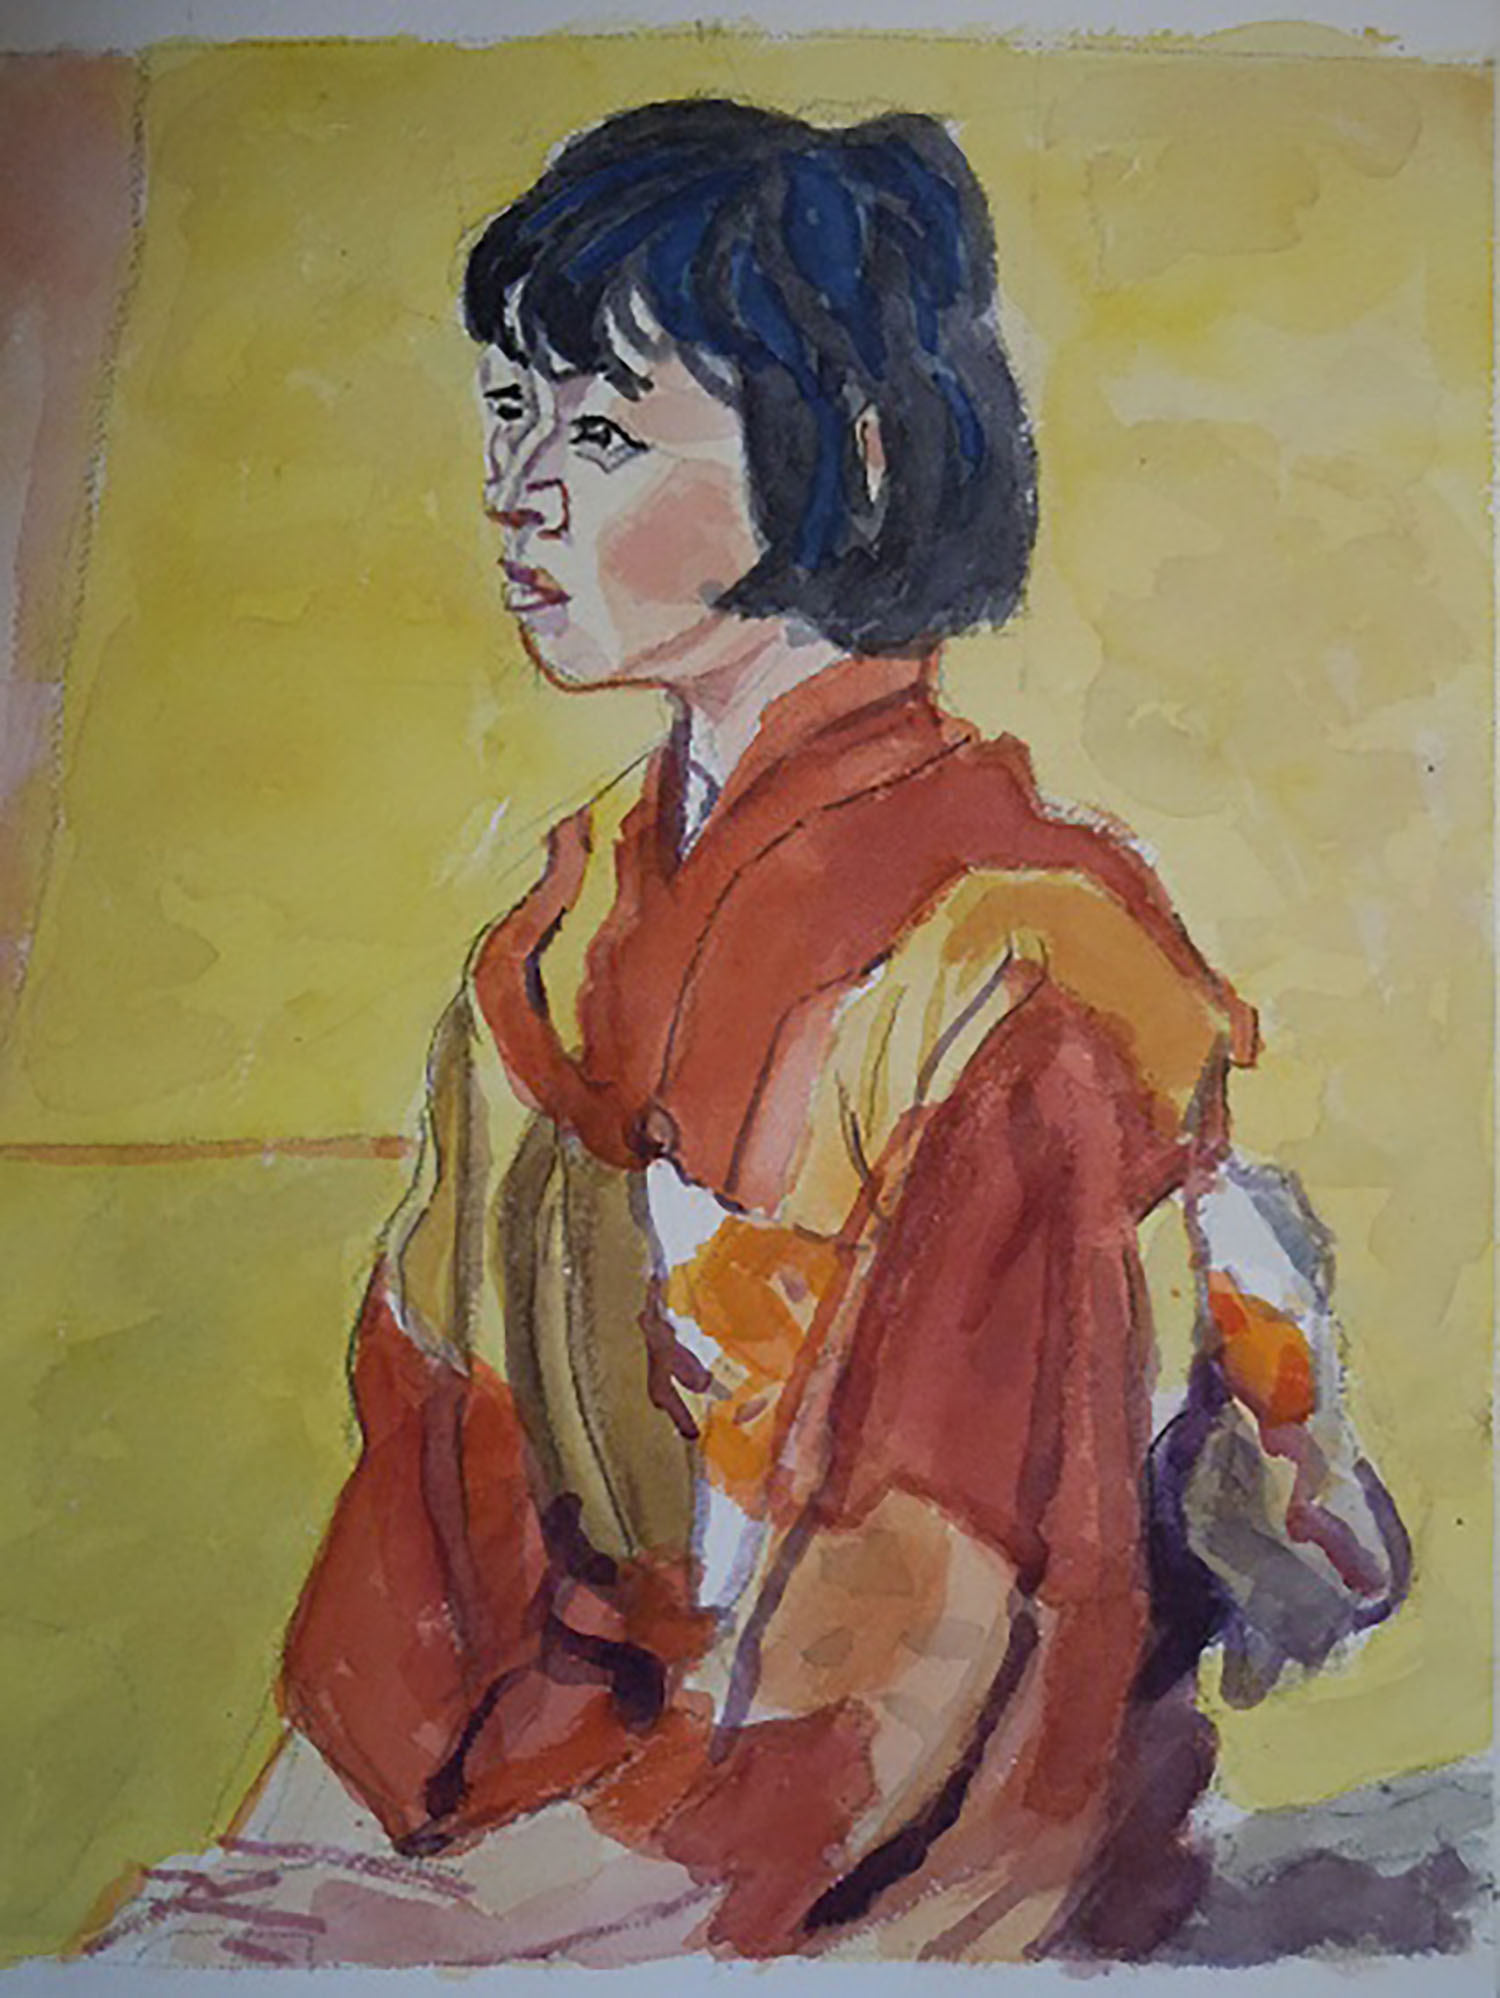 安井曾太郎 少女像